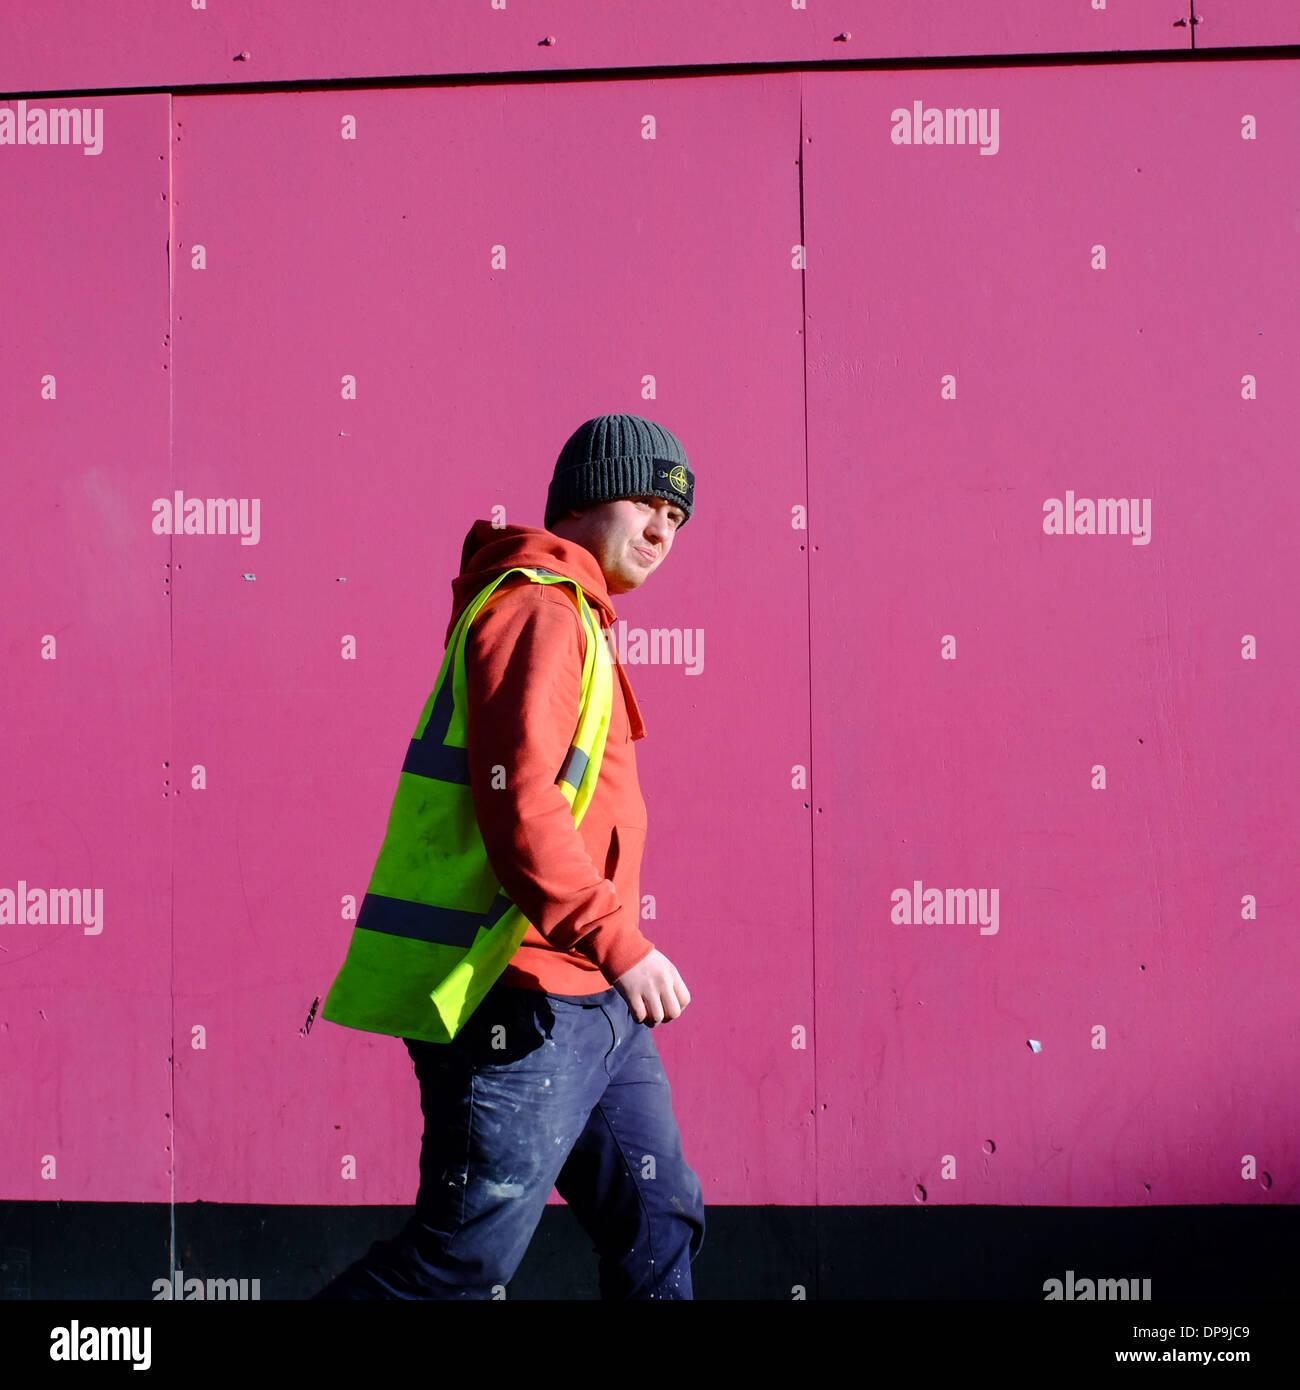 Mann tragen High Visibility Jacke rosa Website Internat vorbeigehen Stockfoto